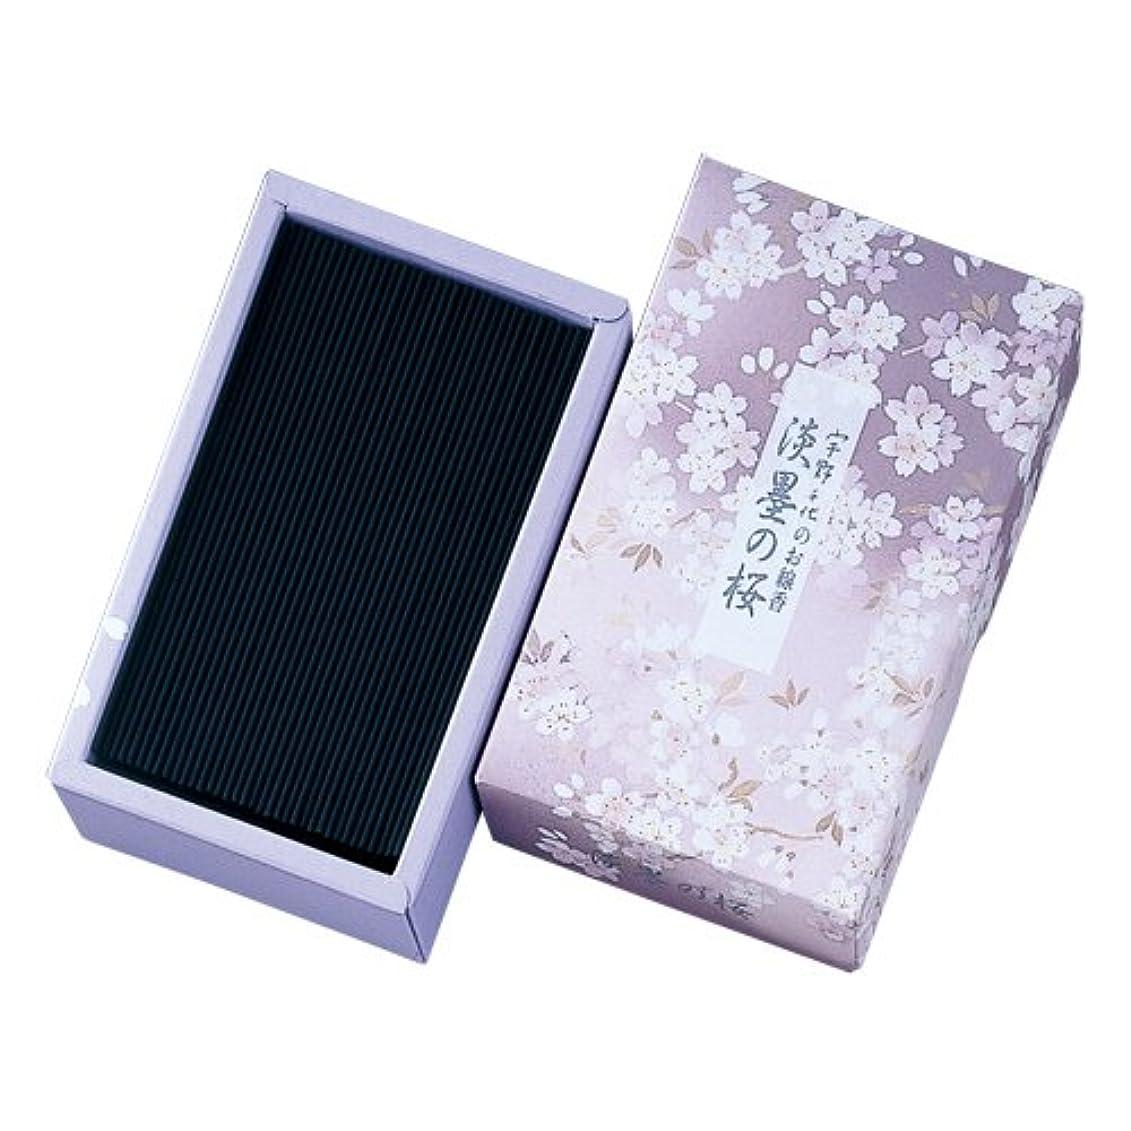 いじめっ子理容師変更可能淡墨の桜バラ詰め × 10個セット